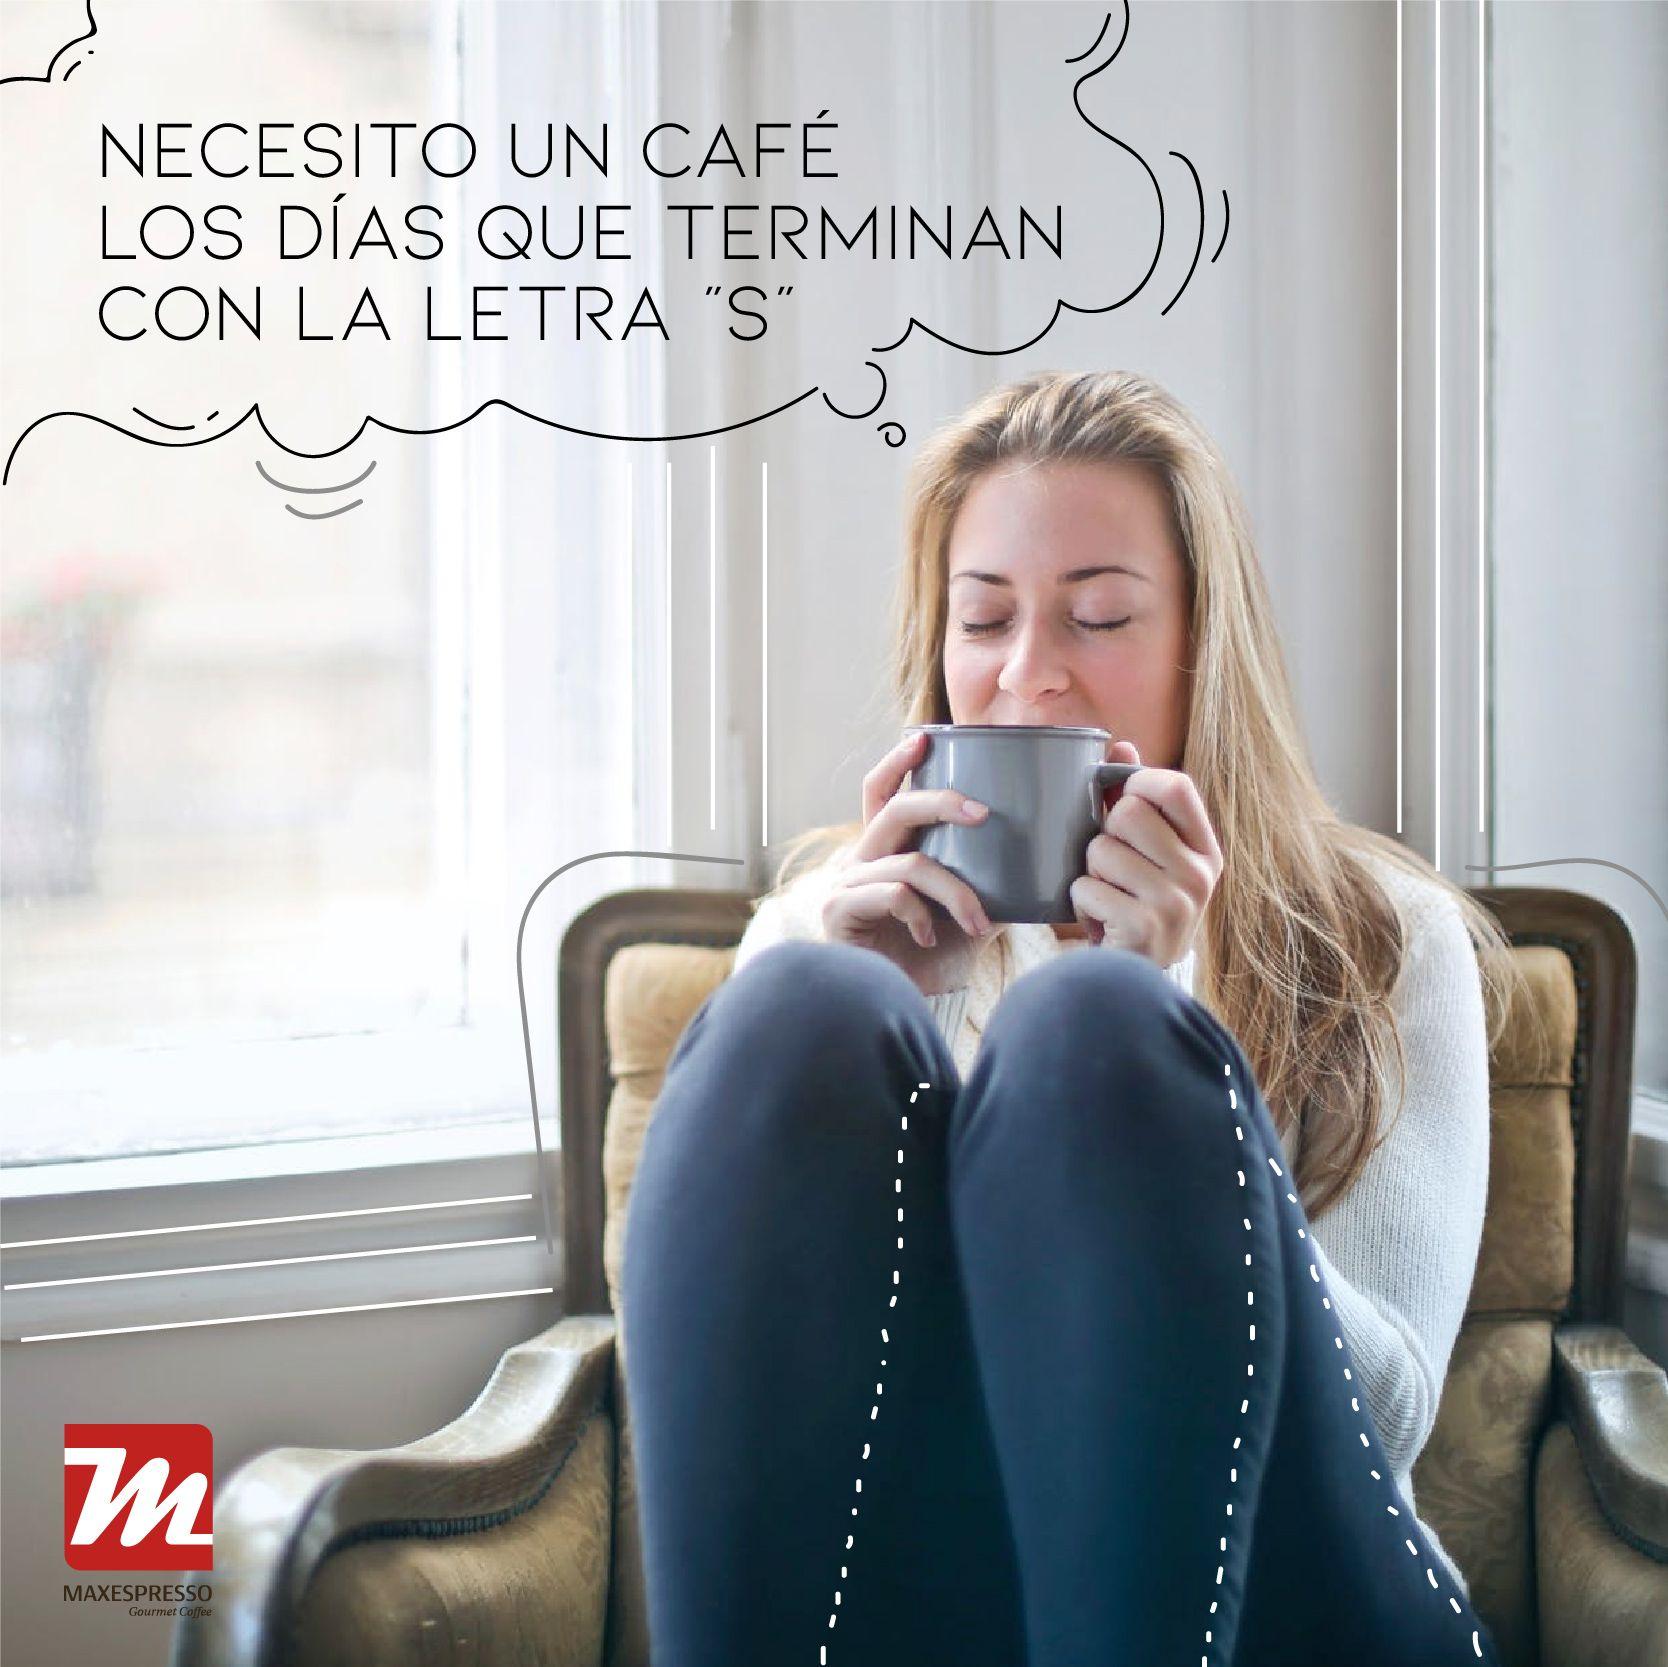 Abastécete de todo lo necesario para la semana. ☕ Café